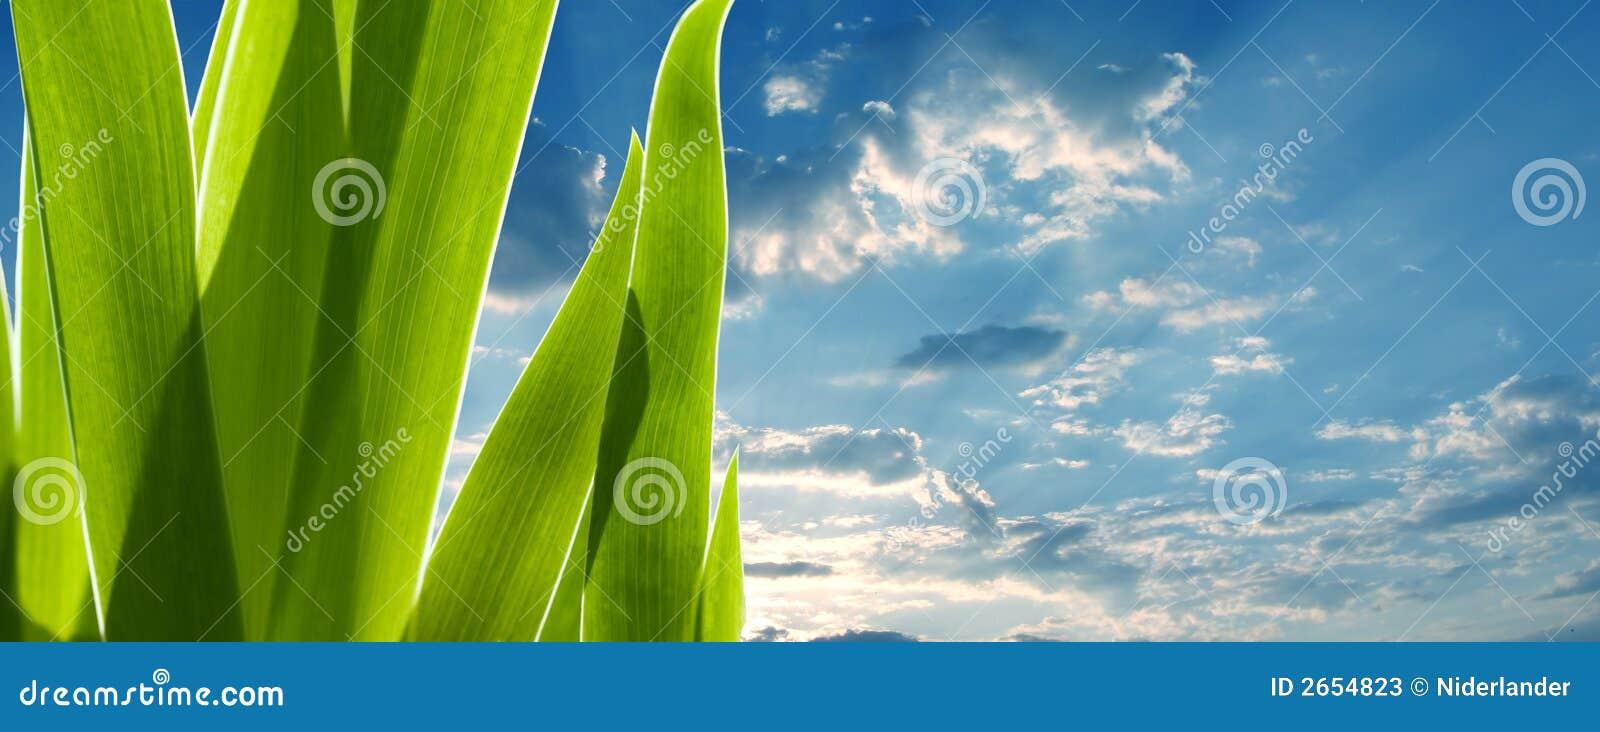 Green låter vara skyen